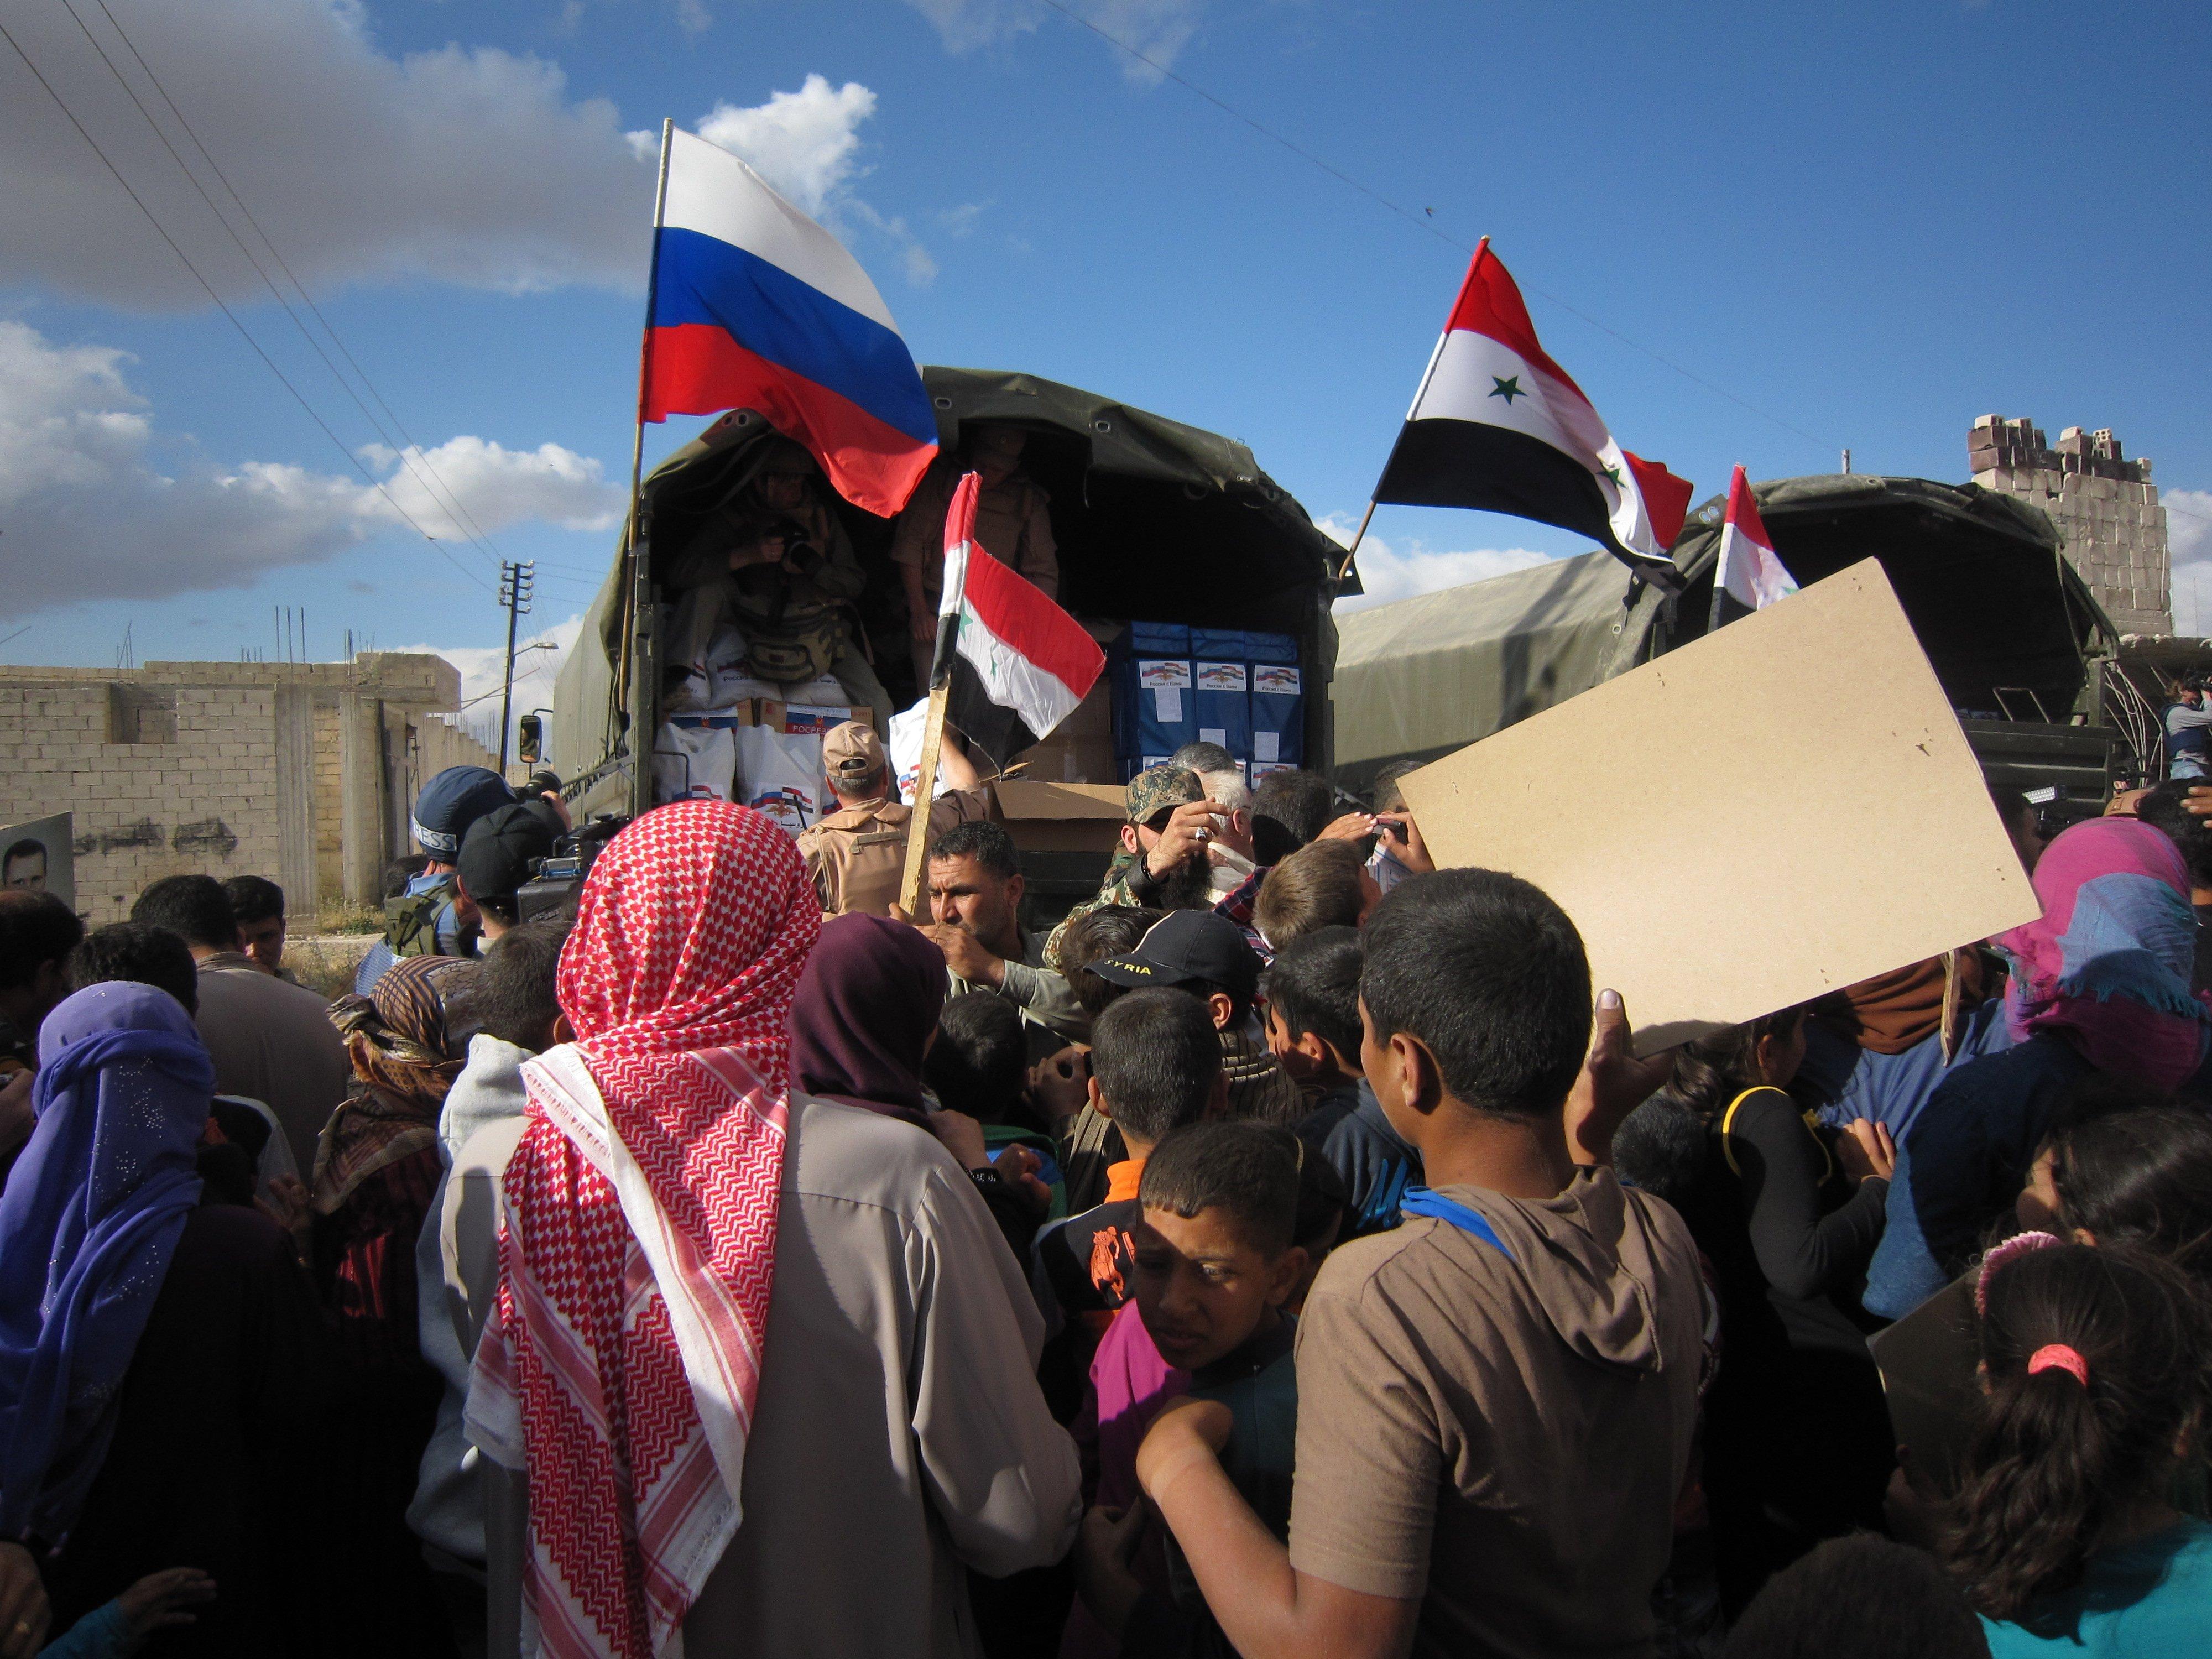 Сирийский Каукаб отметил освобождение с российскими флагами в руках